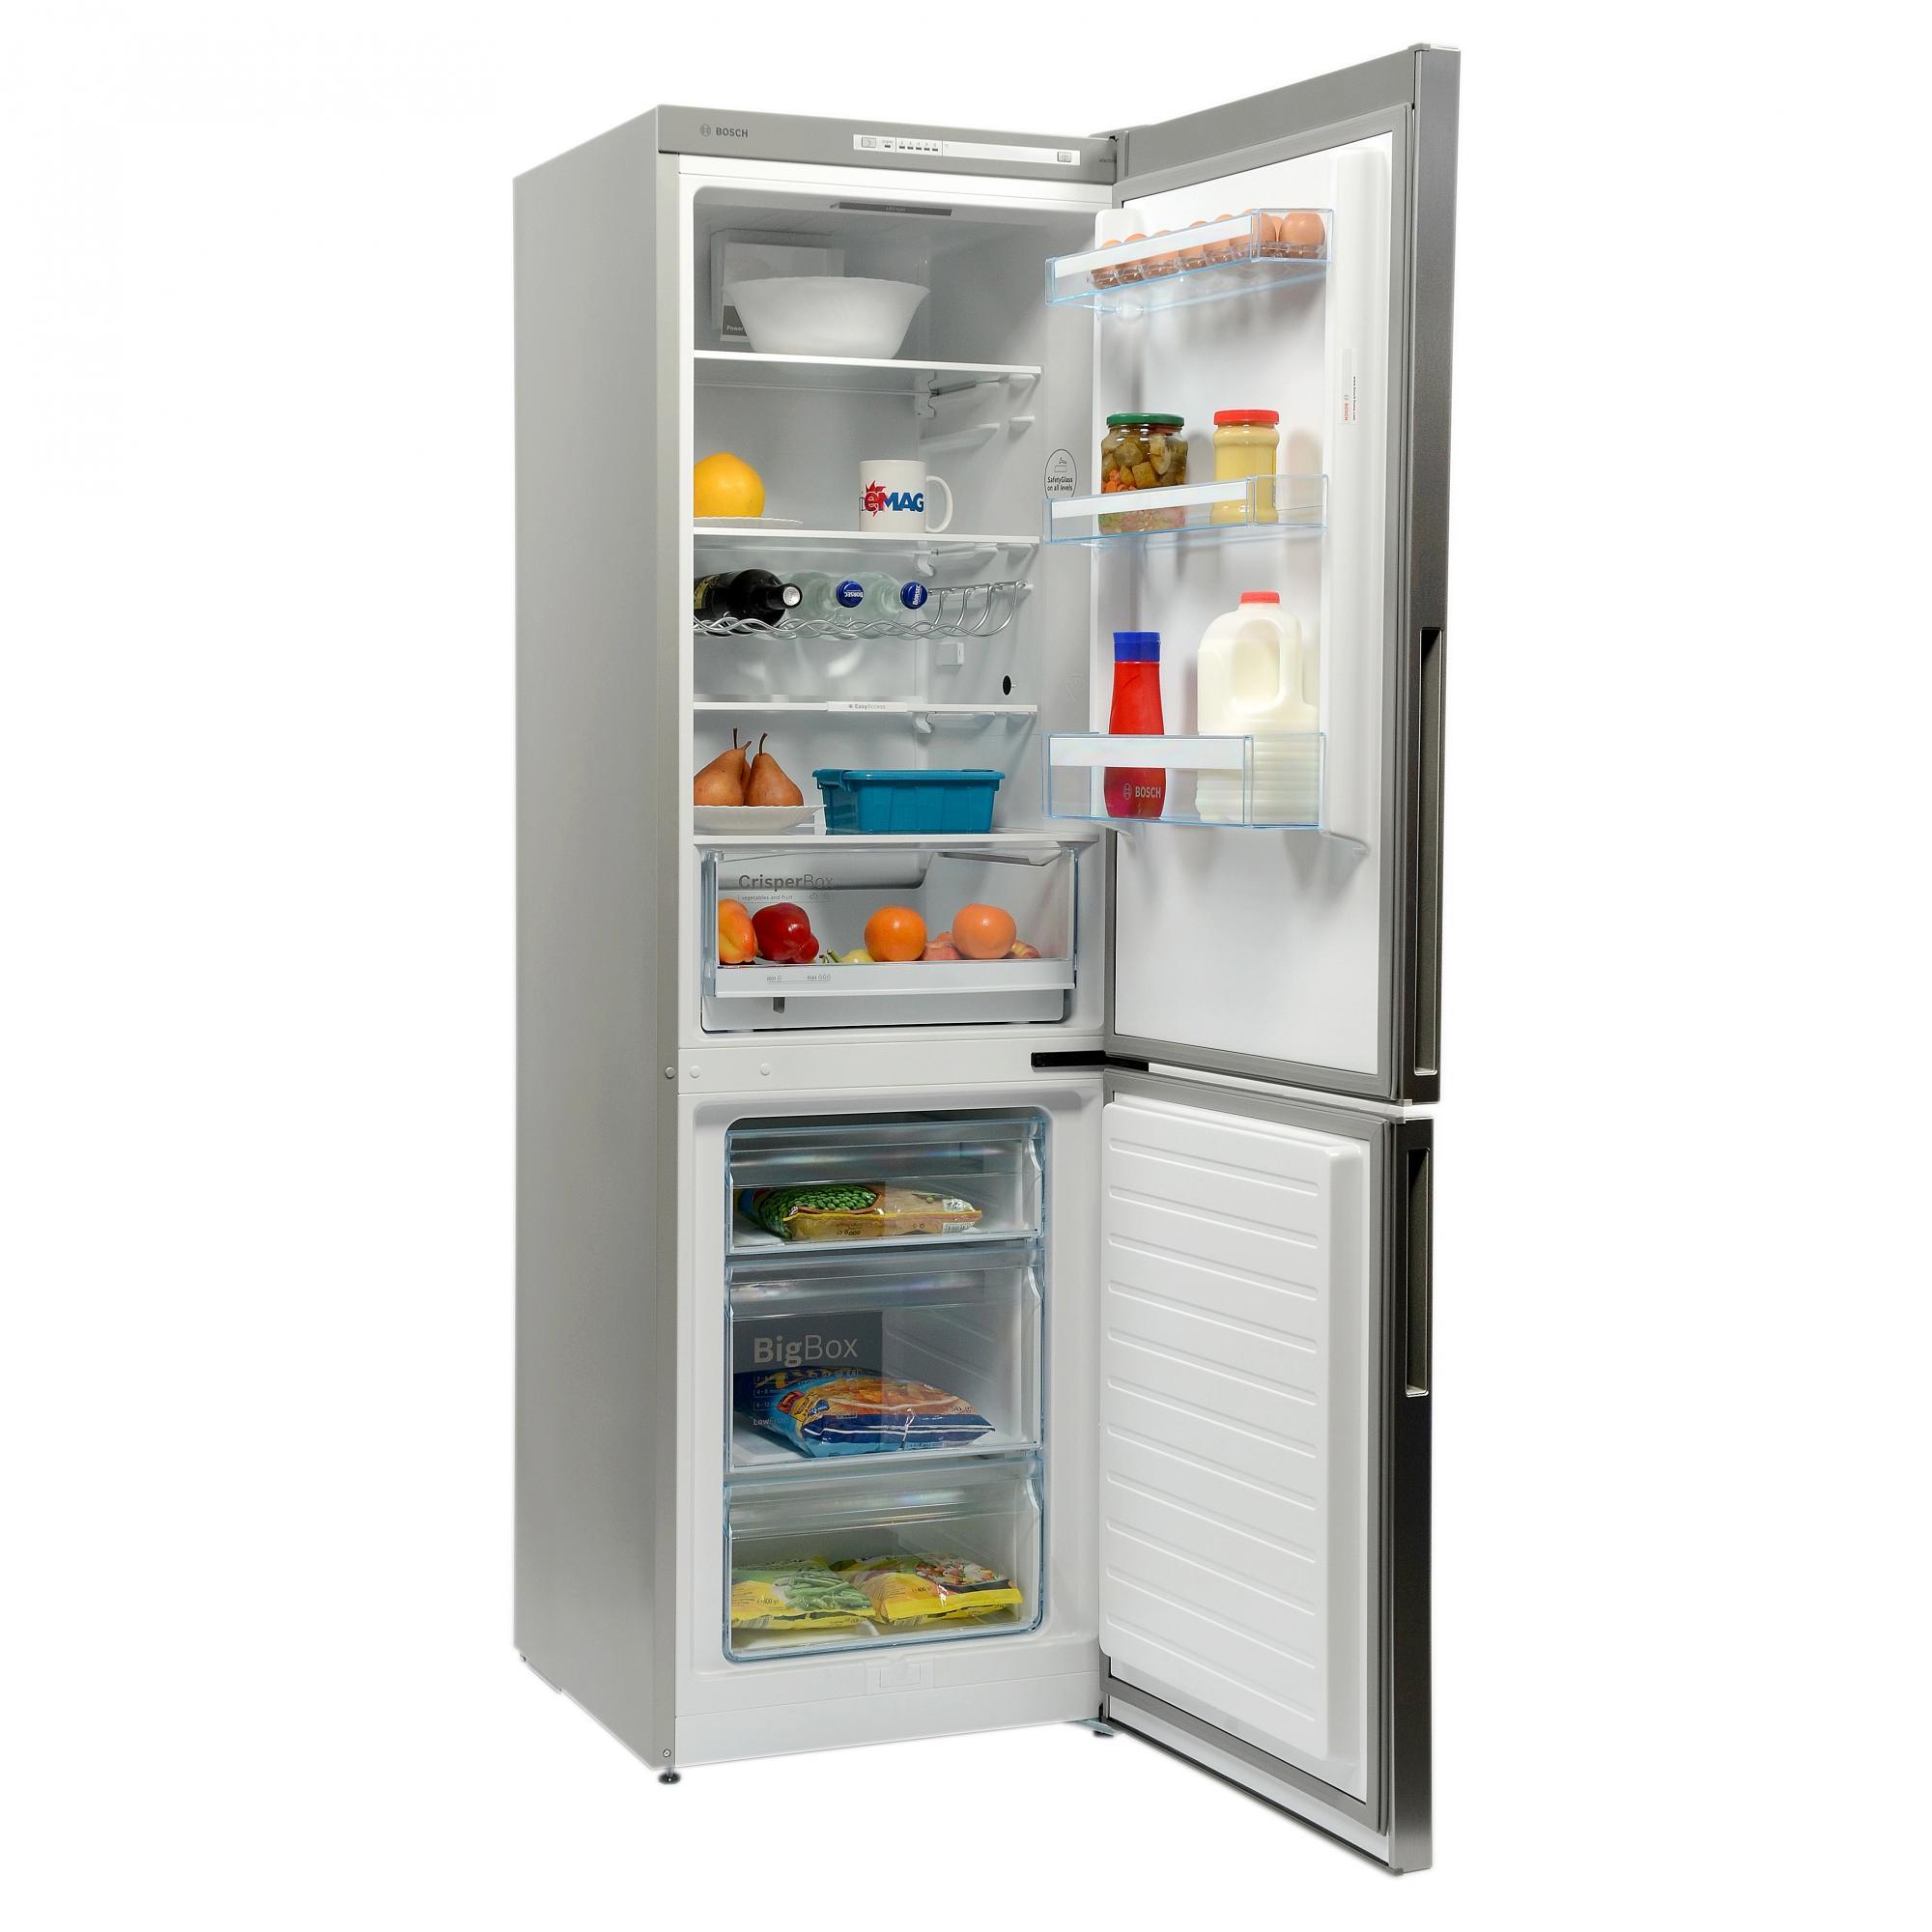 I migliori frigoriferi classifica e recensioni del aprile for Frigorifero a cassetti